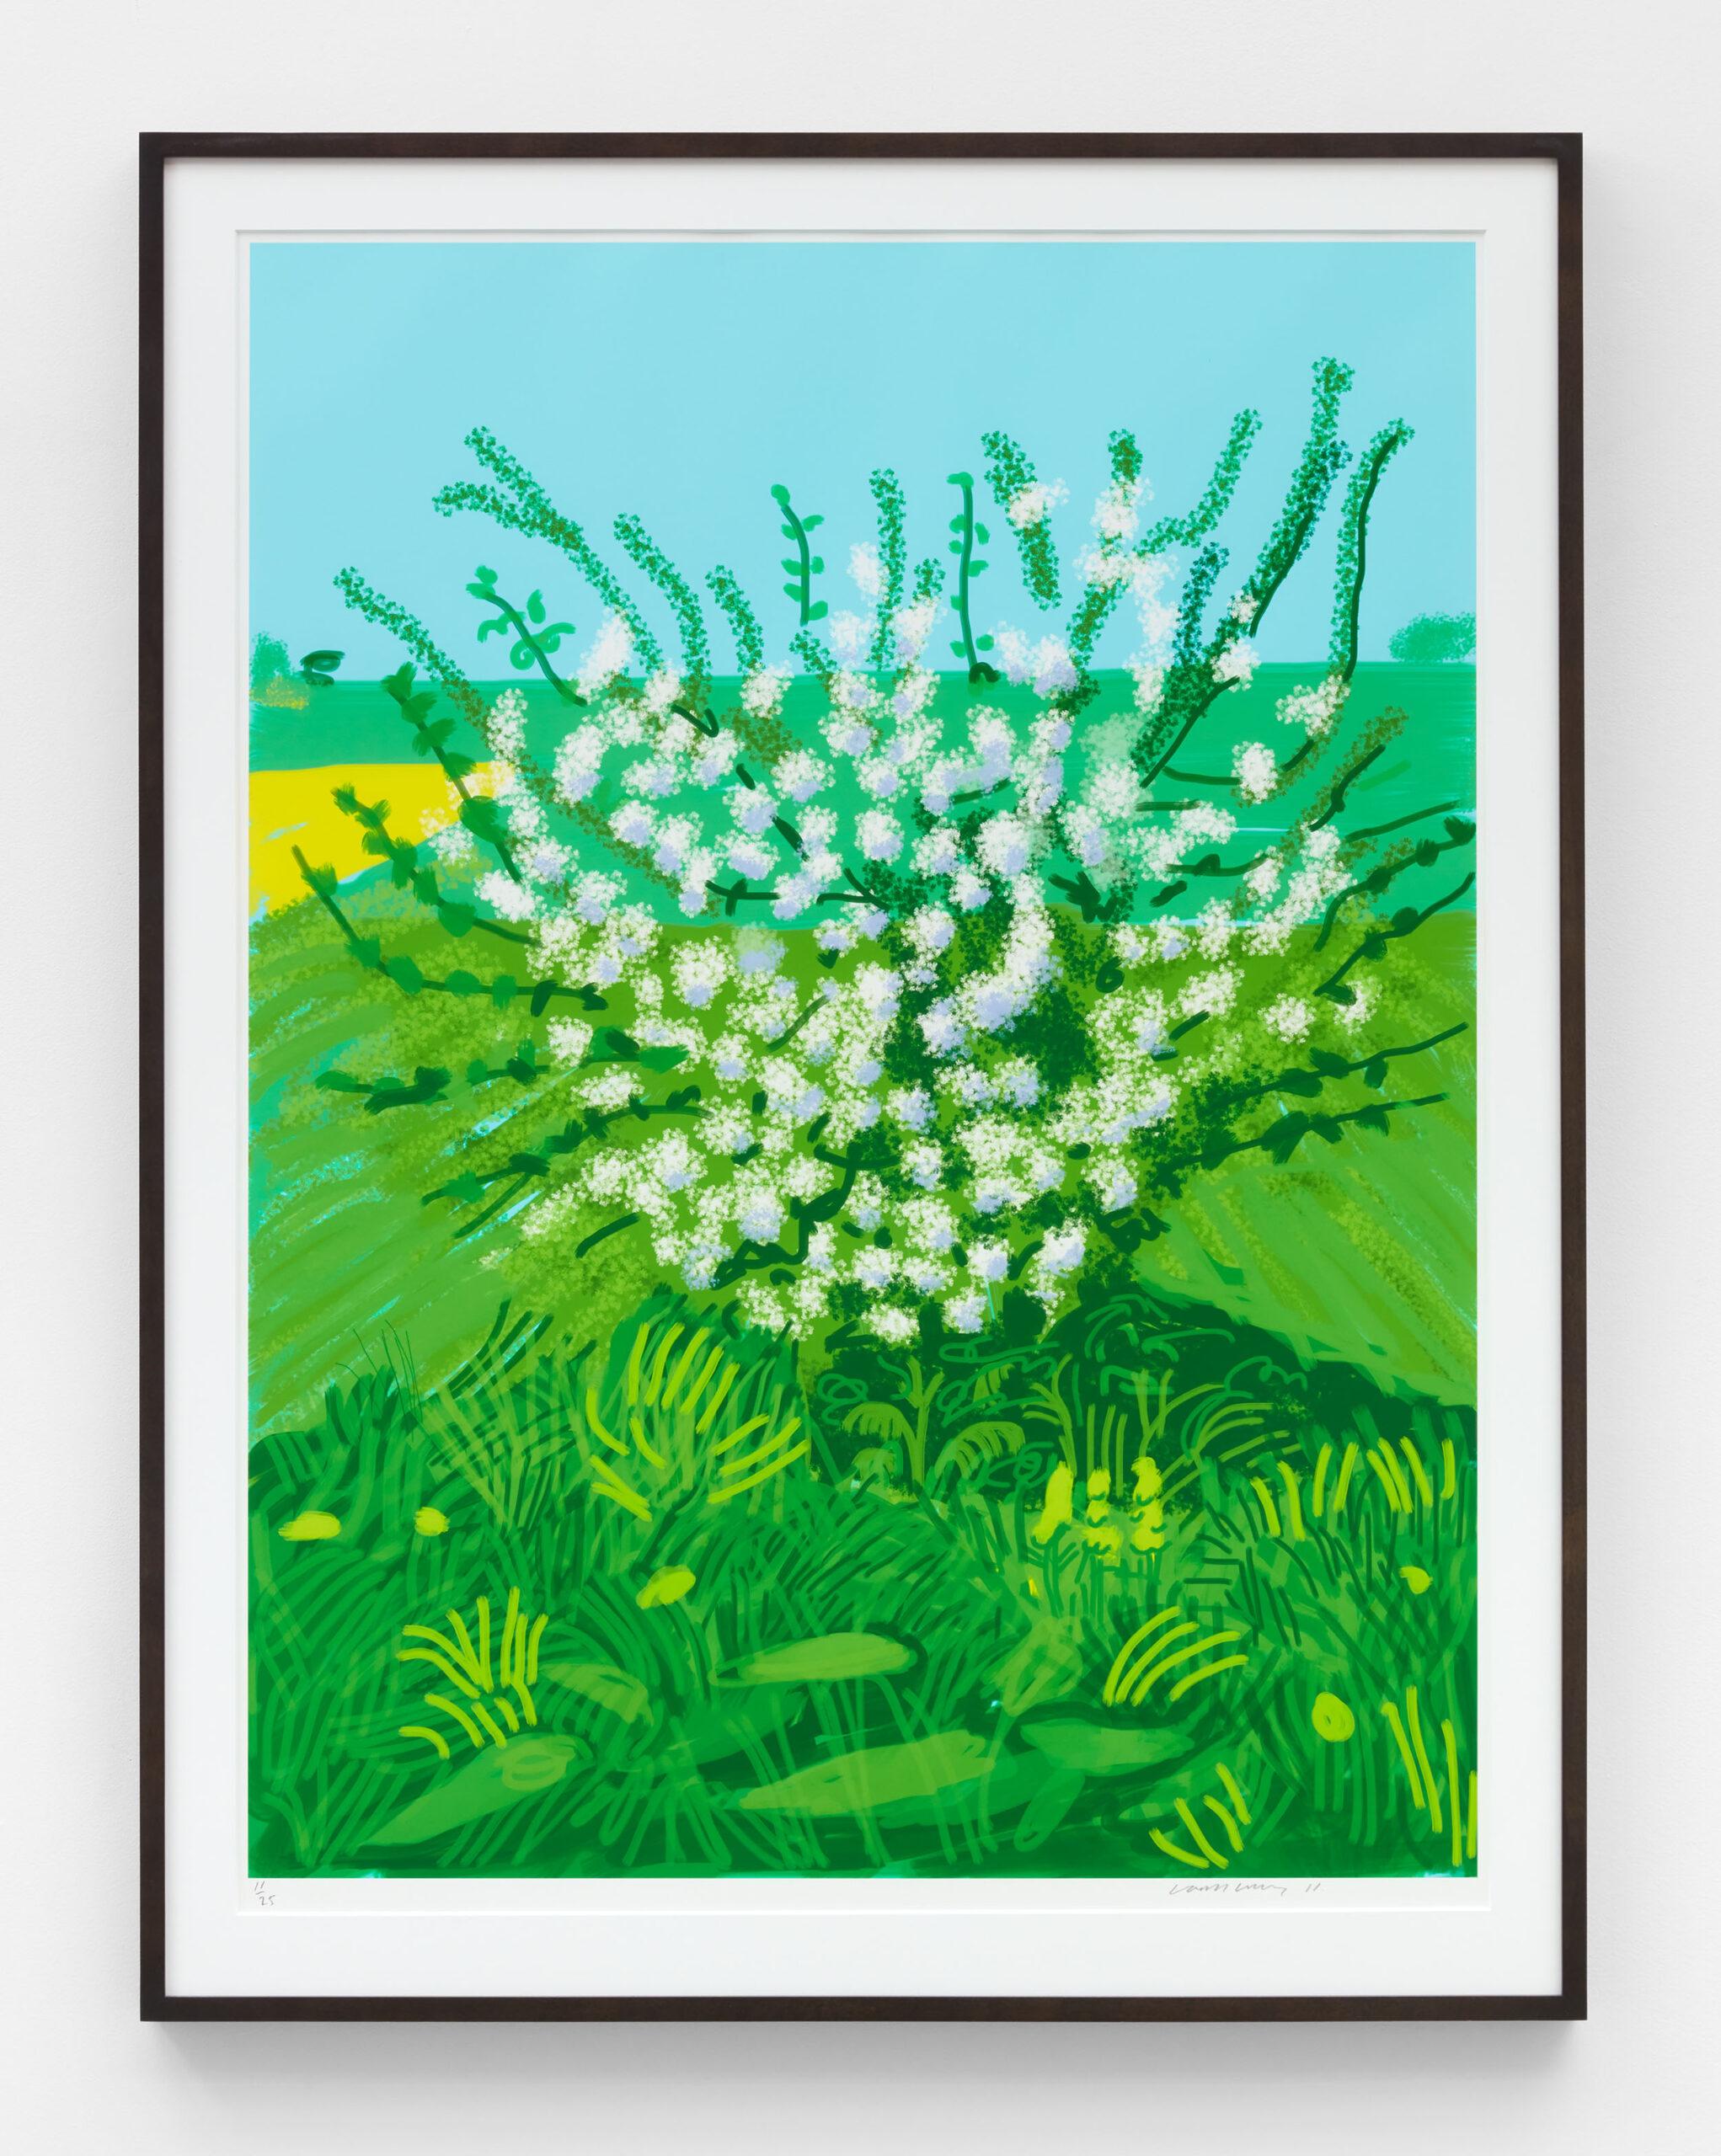 David Hockney The Arrival of Spring in Woldgate, East Yorkshire in 2011(twenty eleven) - 30 April